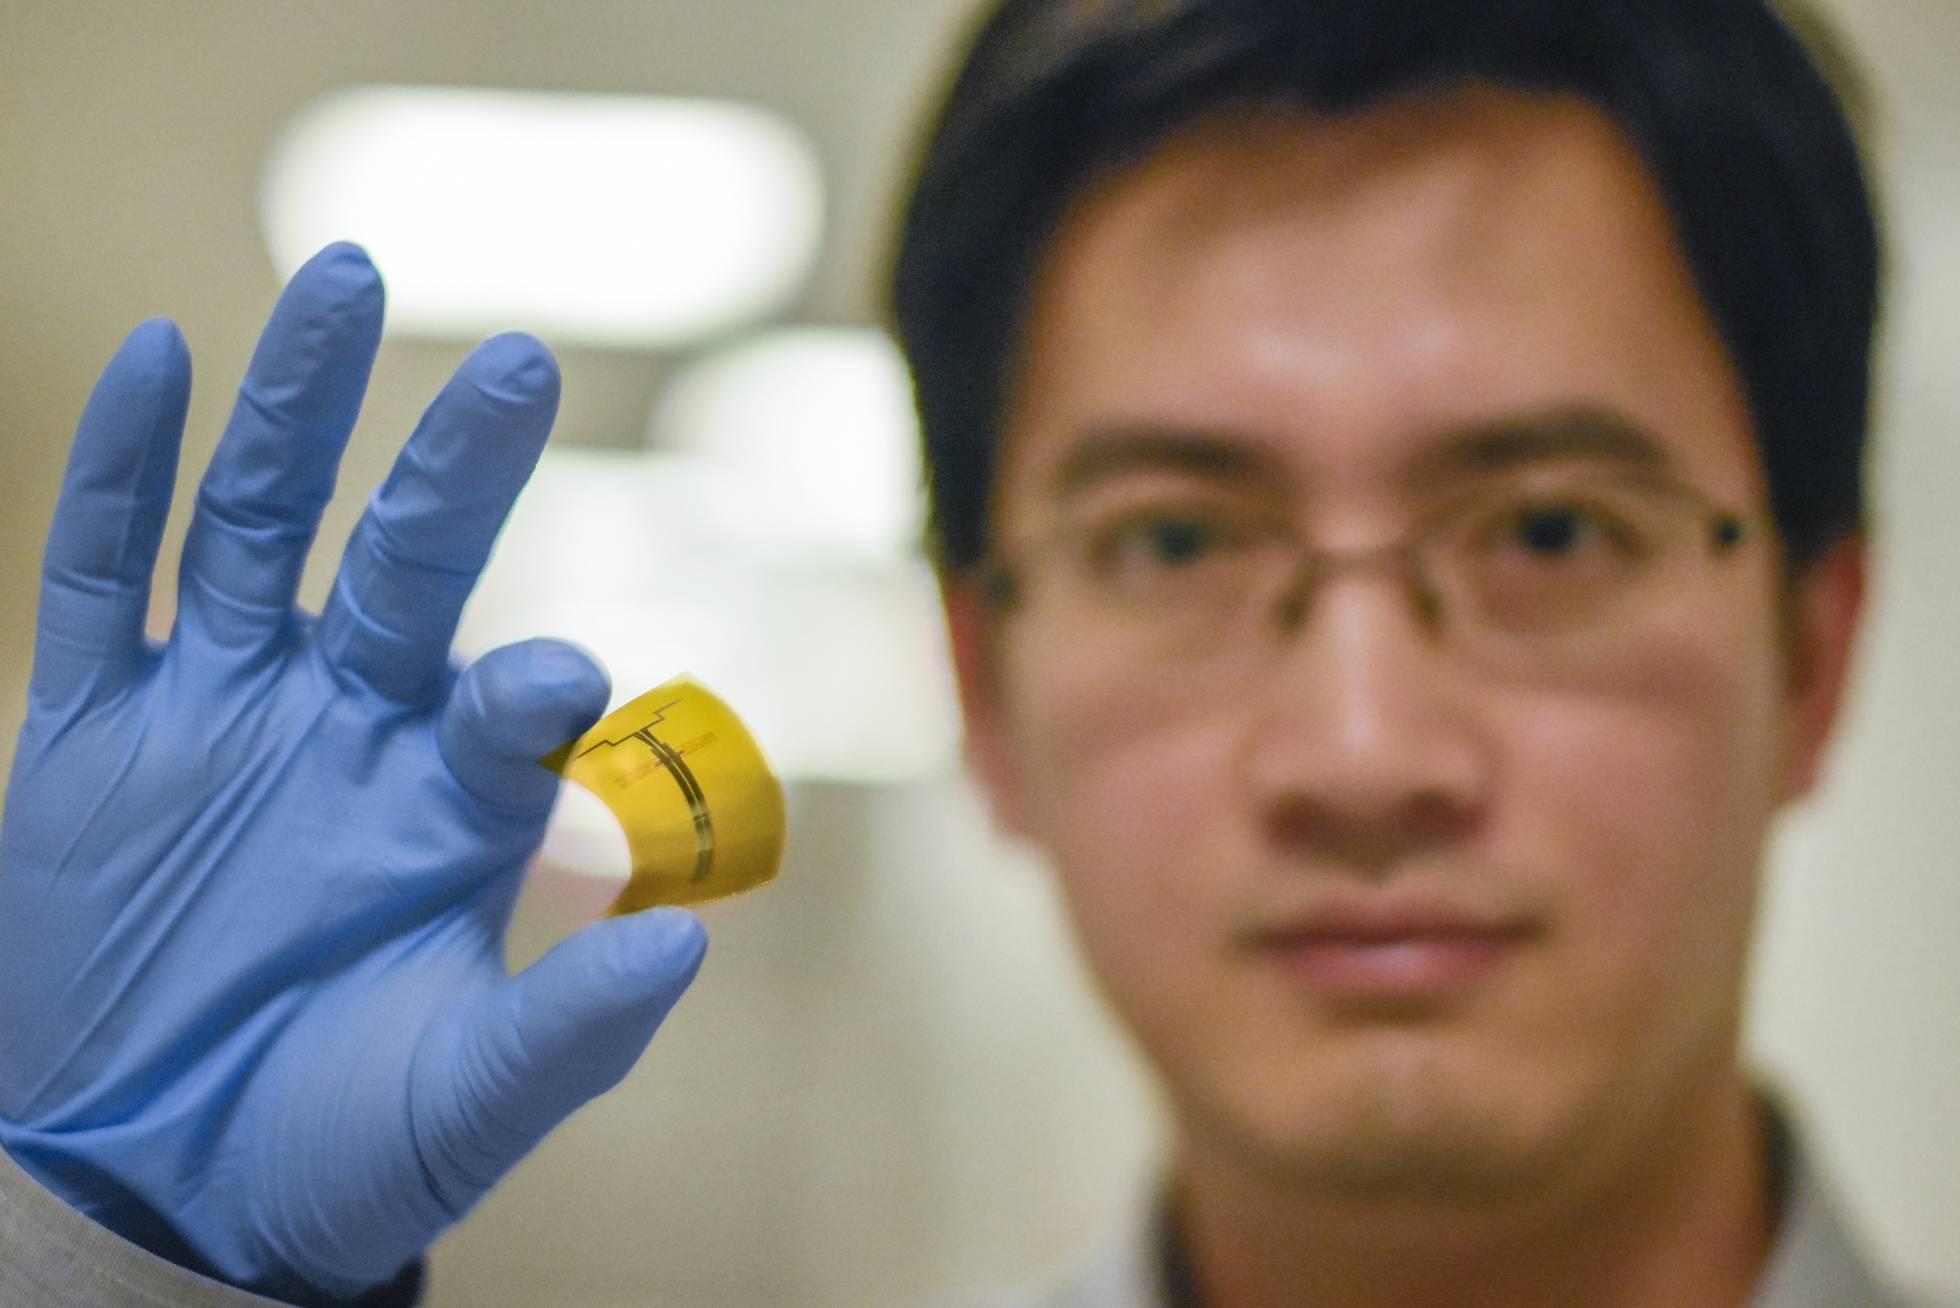 Científicos descubren cómo cargar dispositivos moviles con señales WiFi